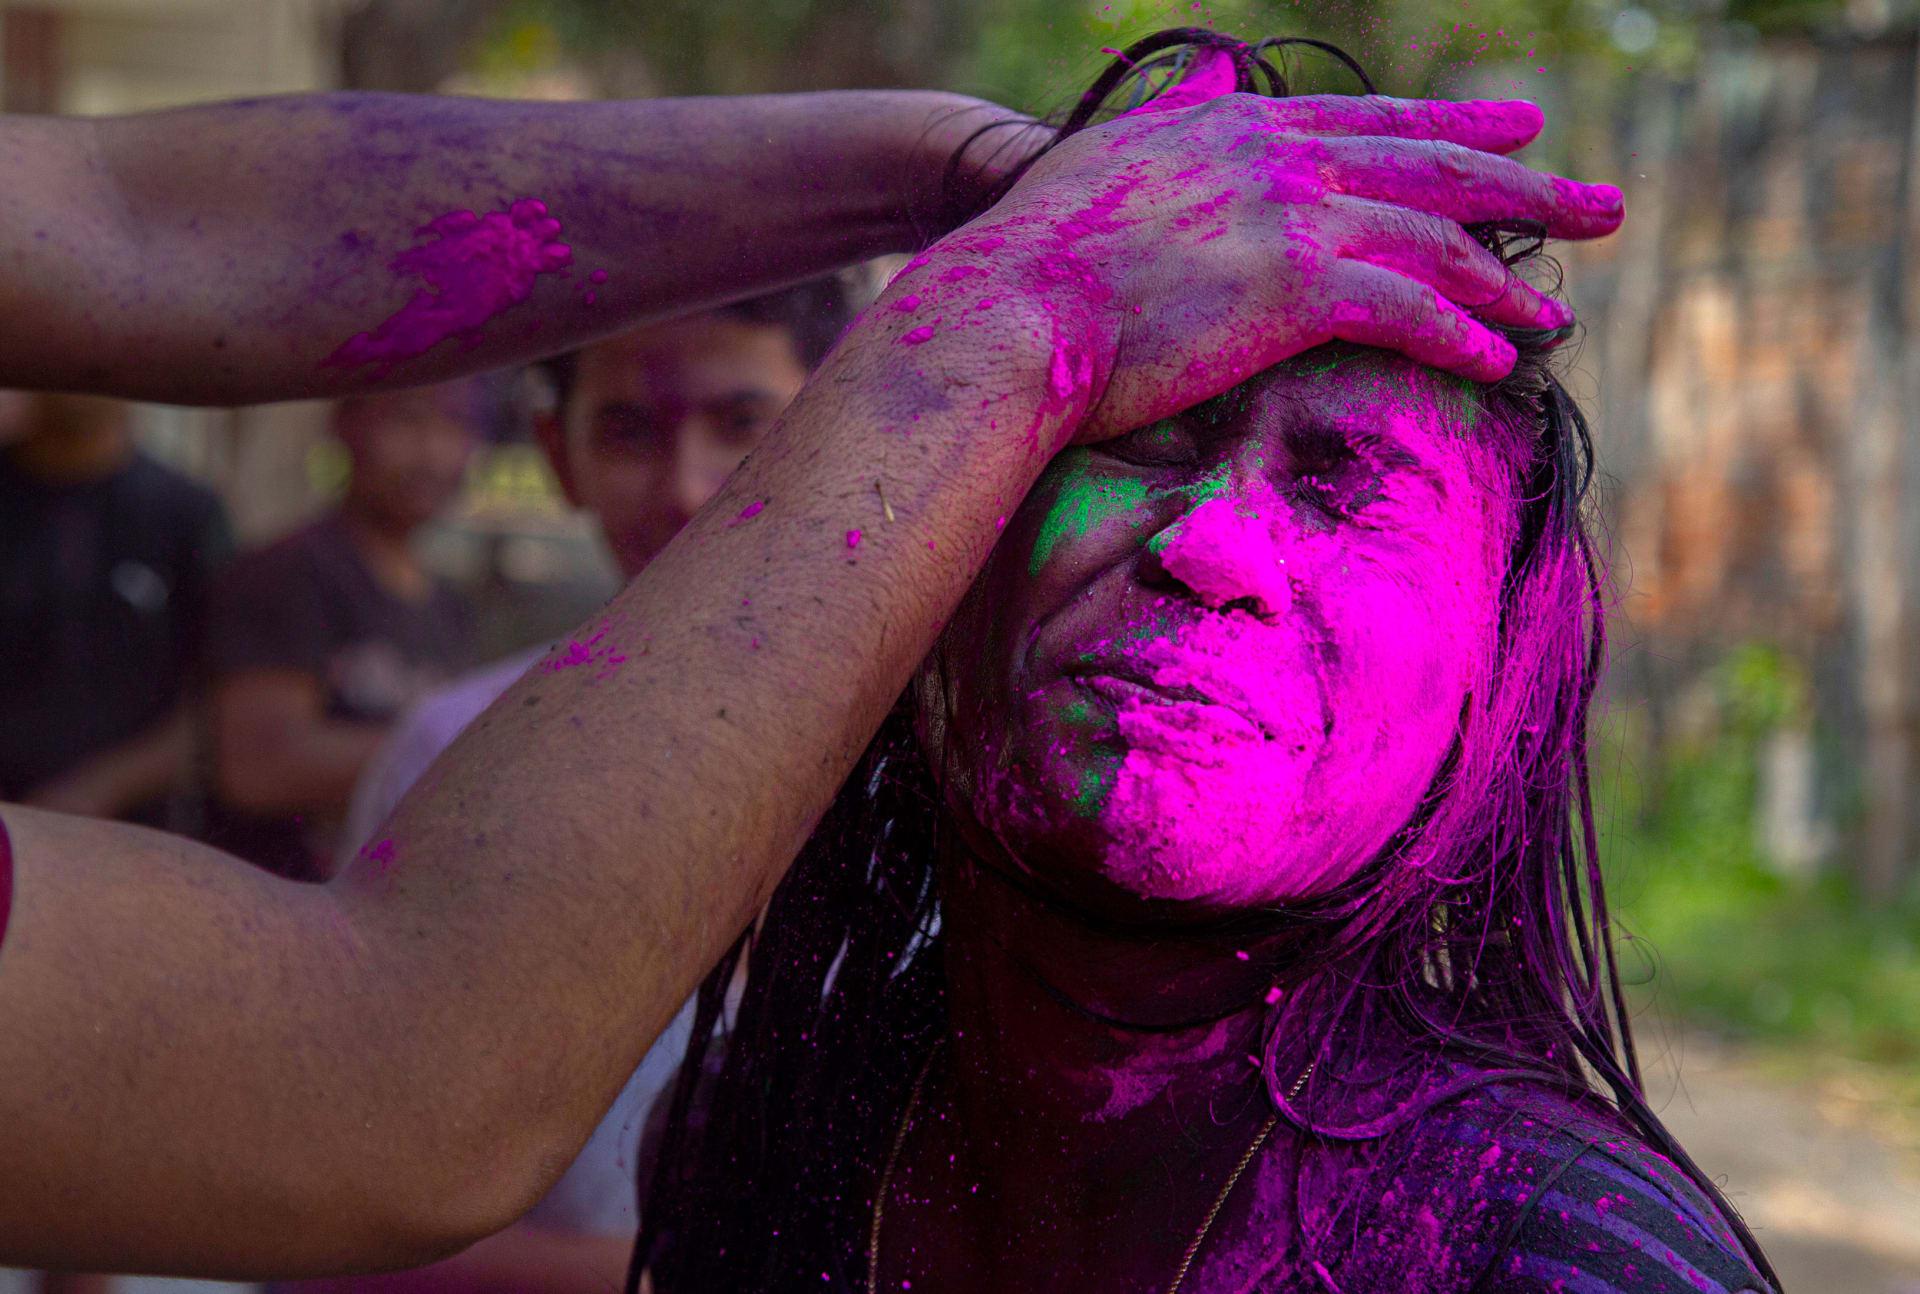 باستخدام الأقنعة.. مهرجان الألوان بالهند يستمر رغم مخاوف فيروس كورونا